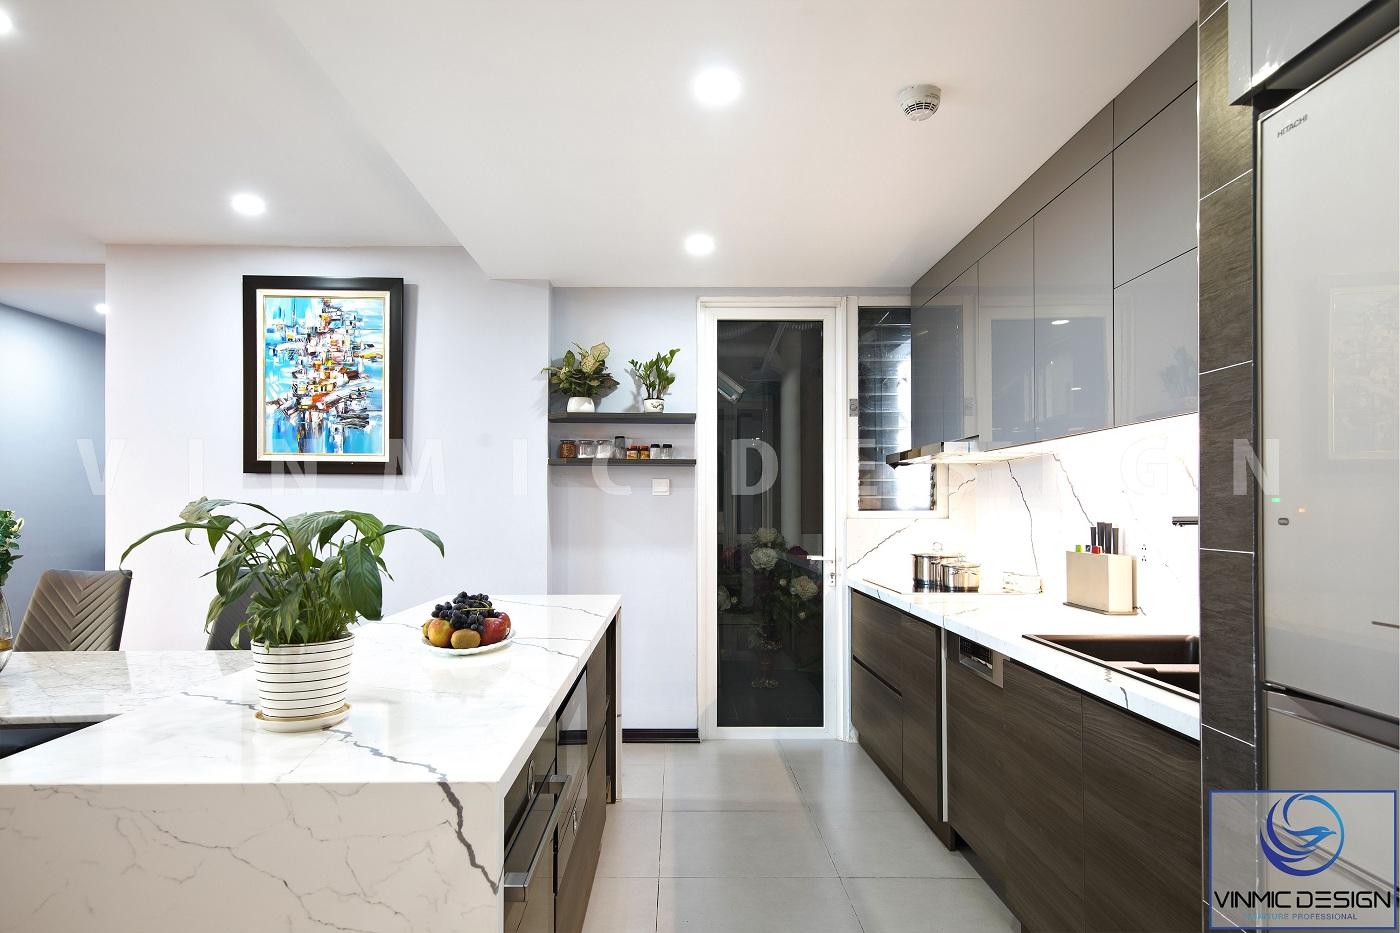 Thi công tủ bếp hiện đại, đẹp mắt